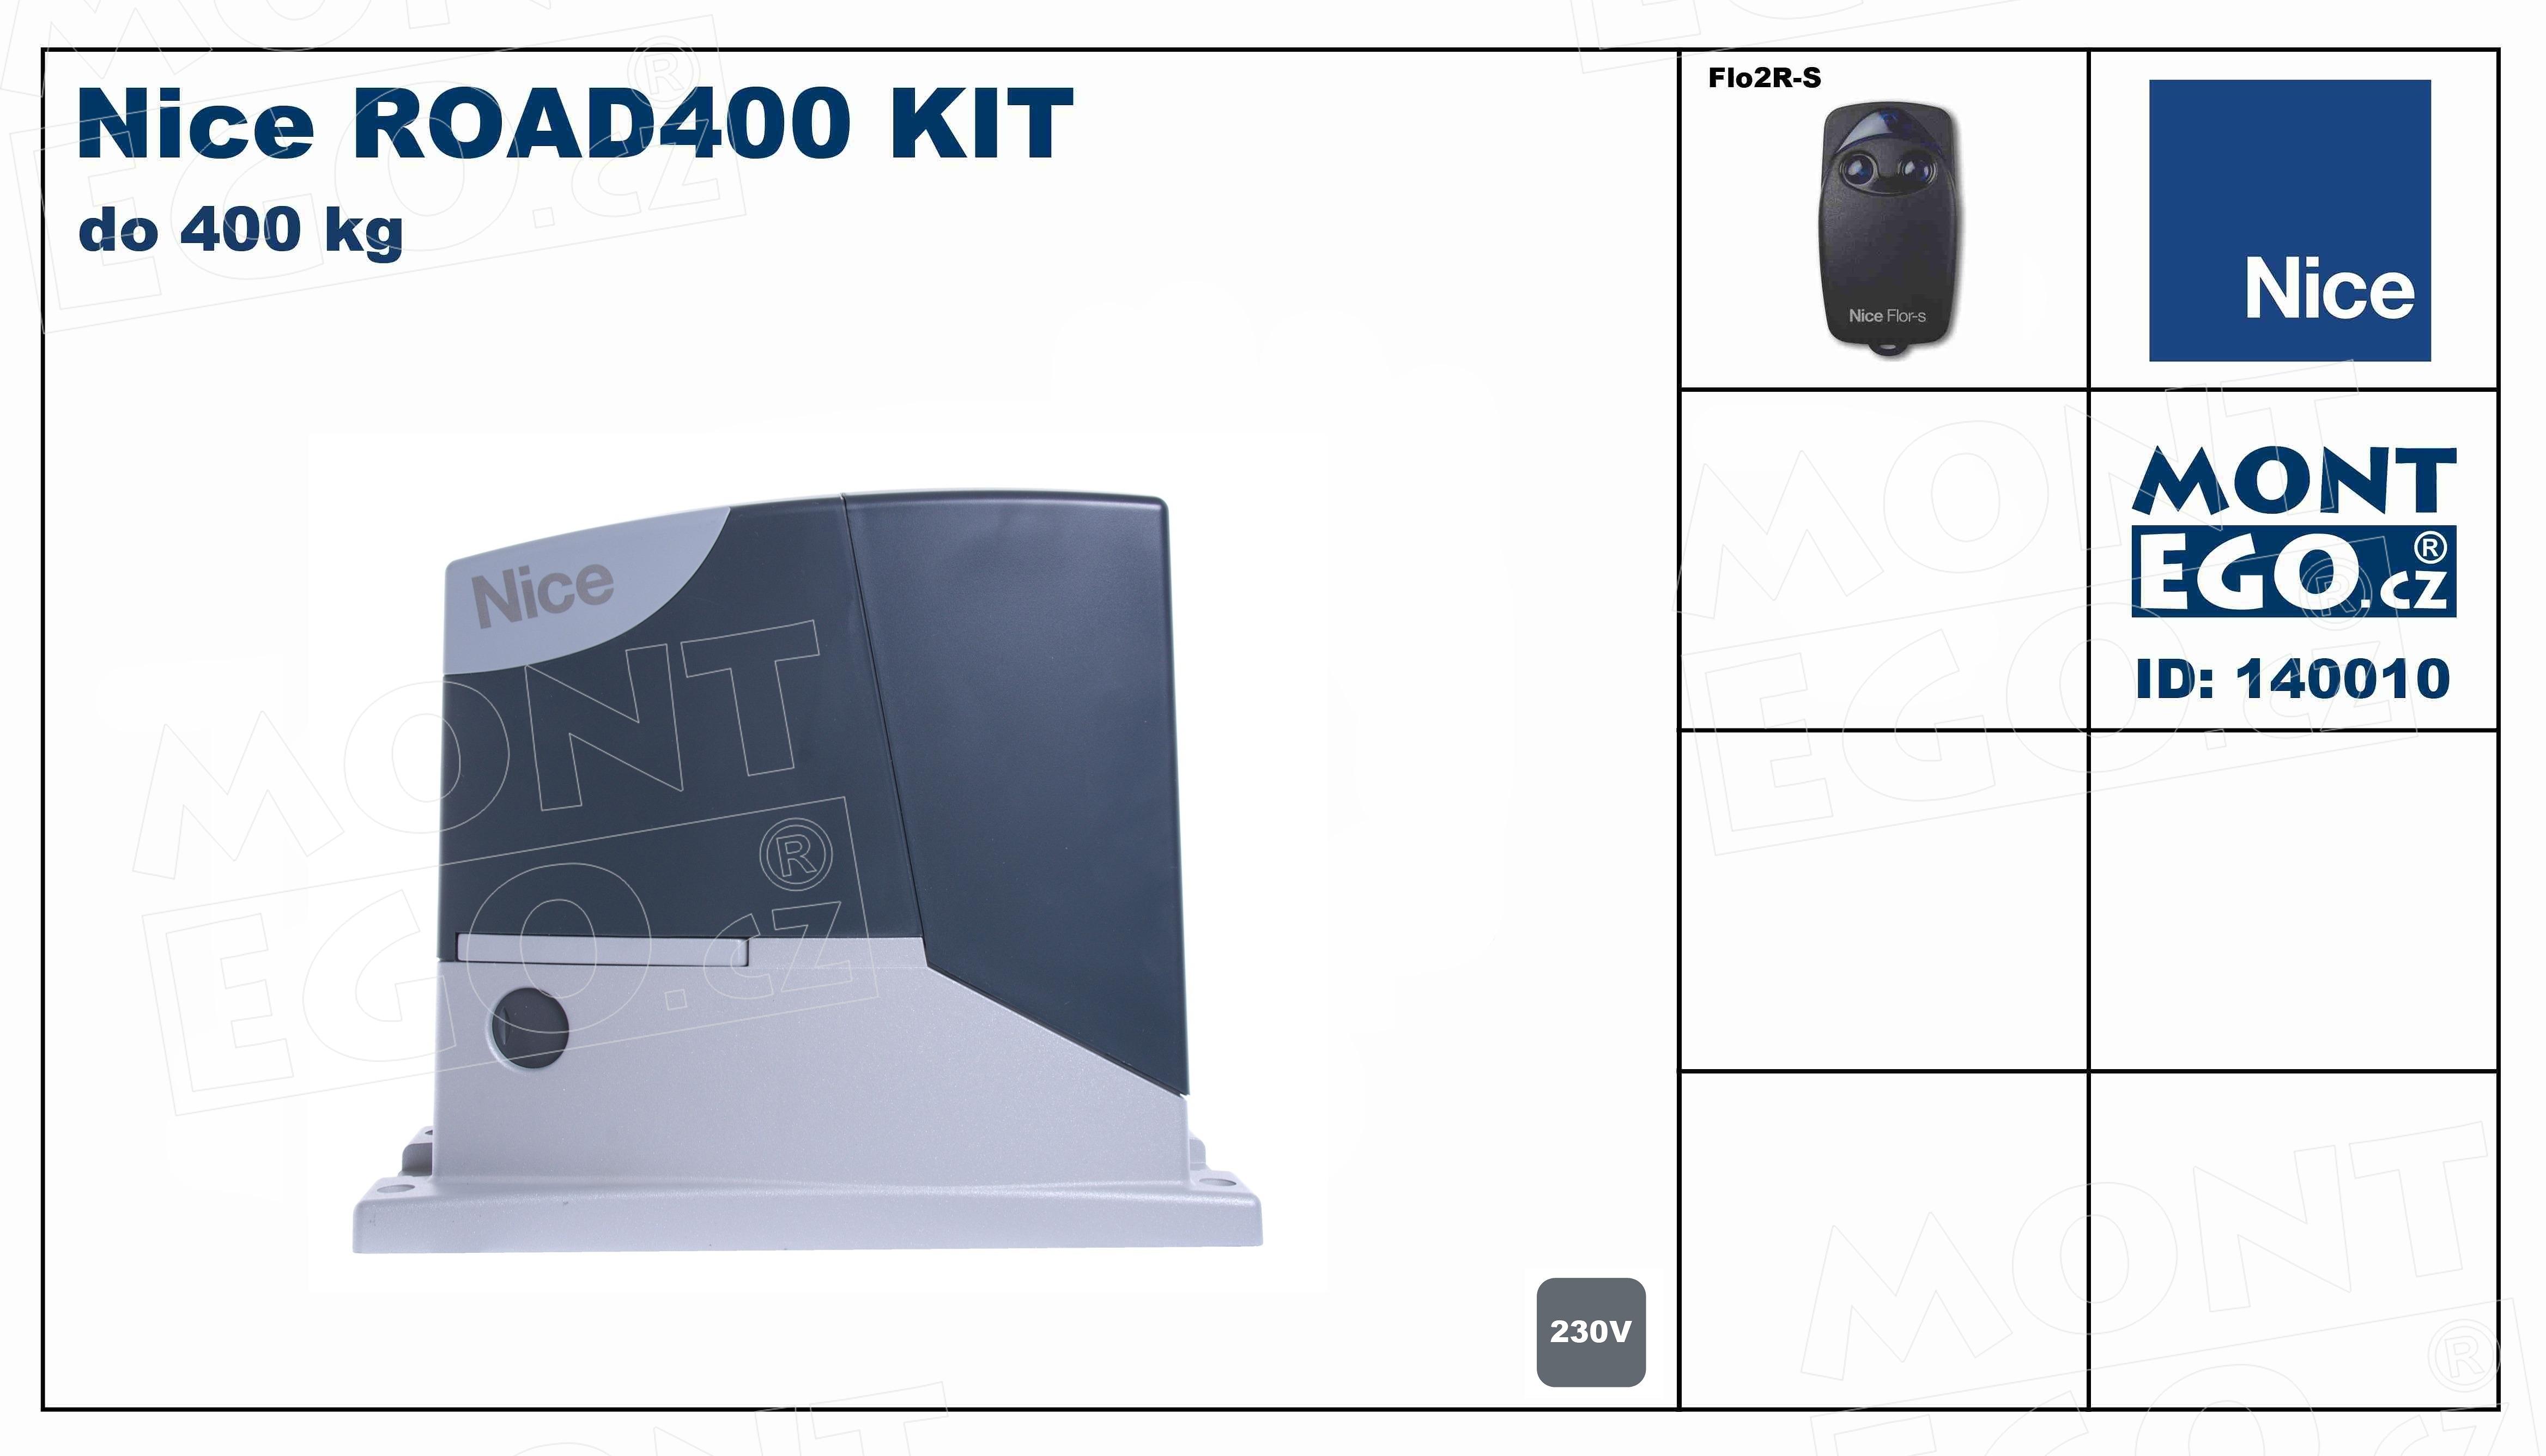 ROAD400 KIT pohon posuvné brány do 400 Kg Road400kit s dálkovým ovladáním, Nice Road 400